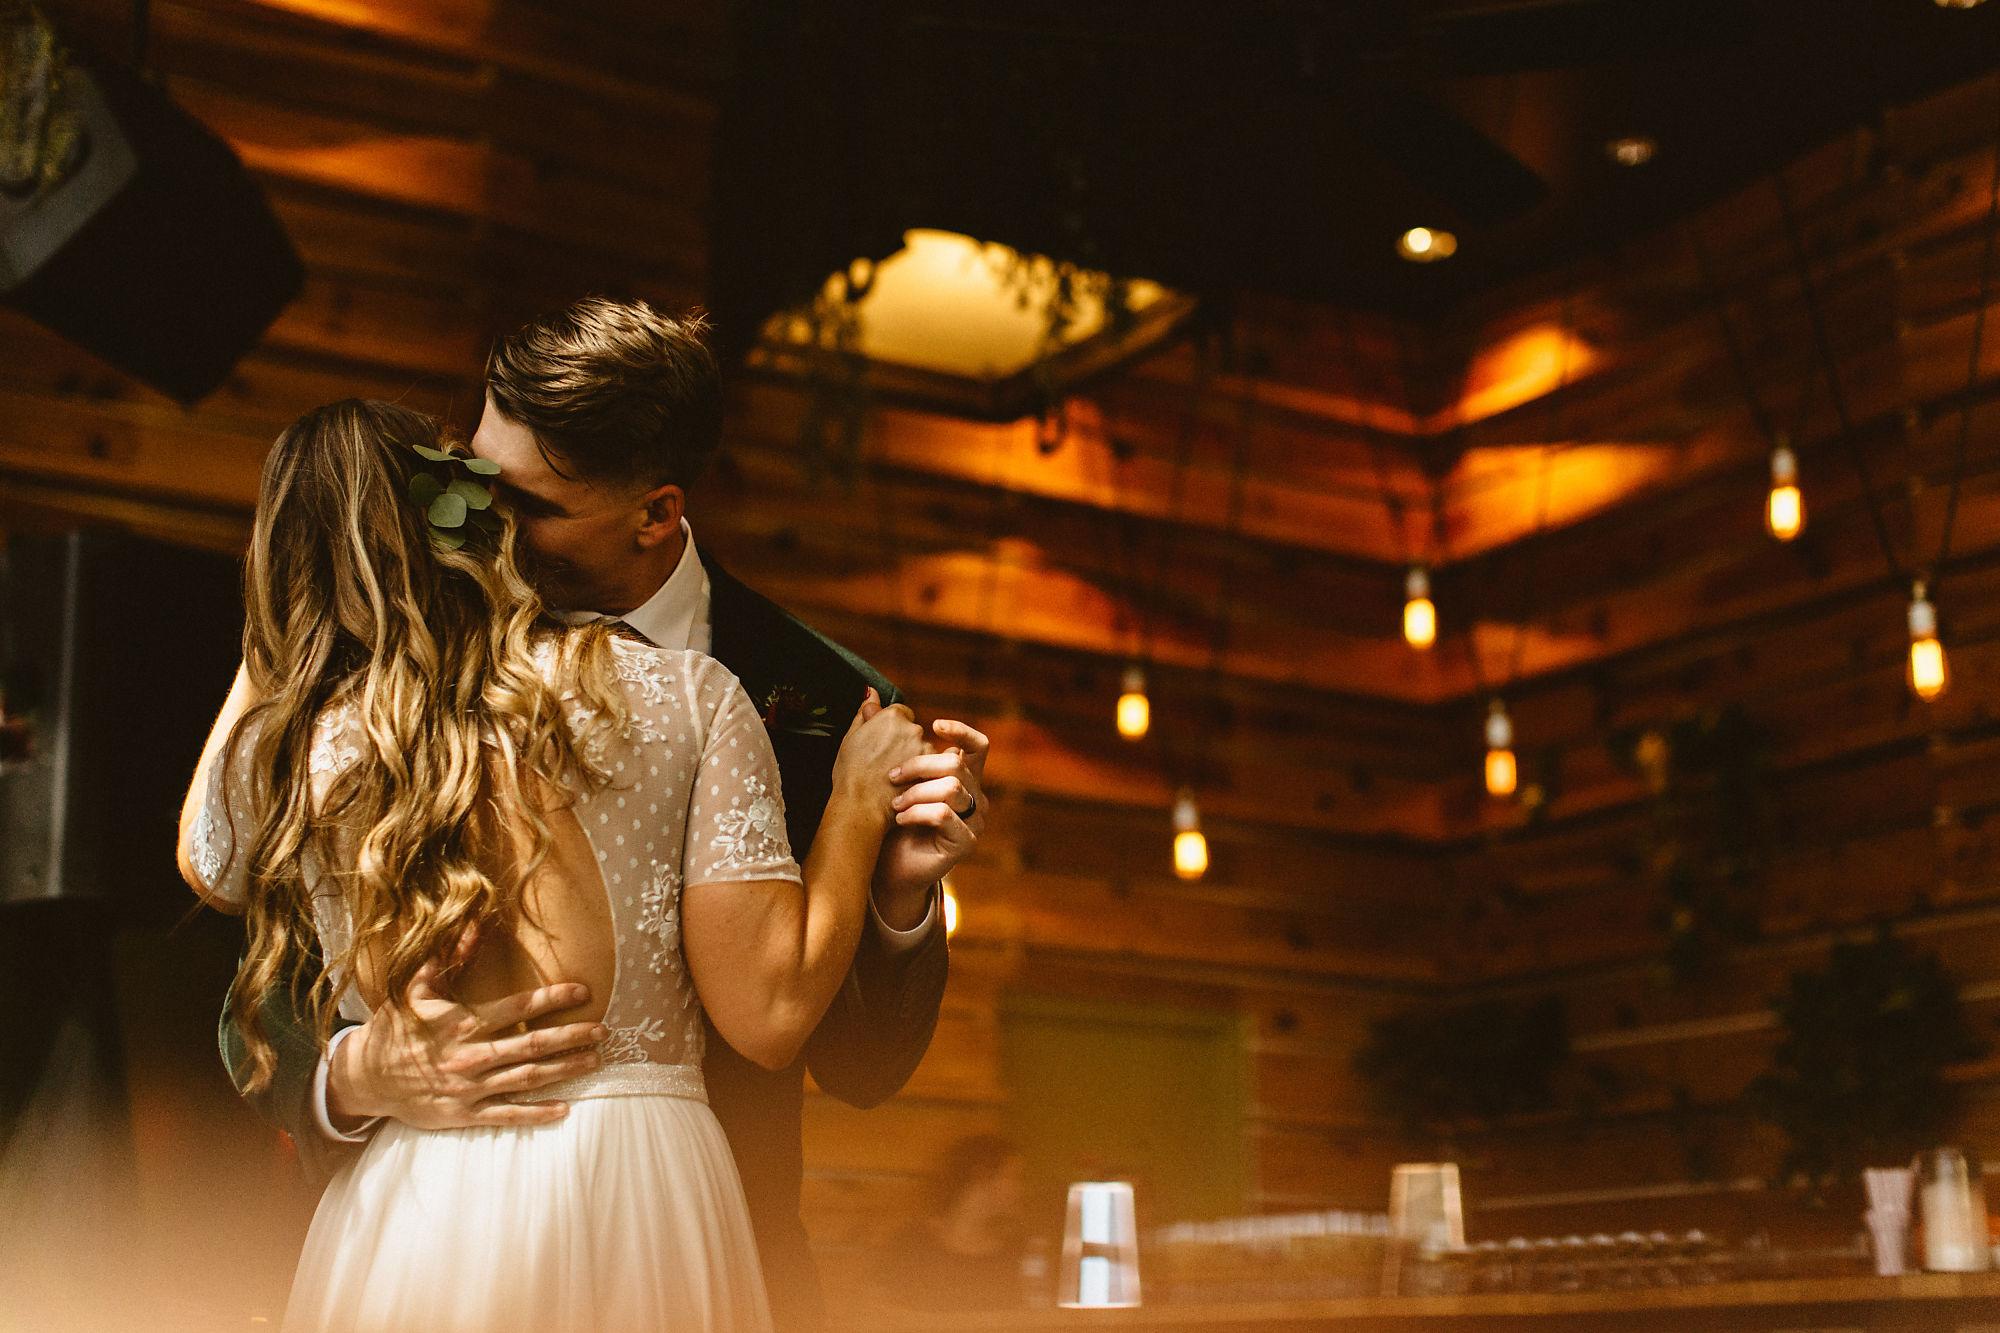 amber_cameron_malverde_wedding_photos131331.jpg